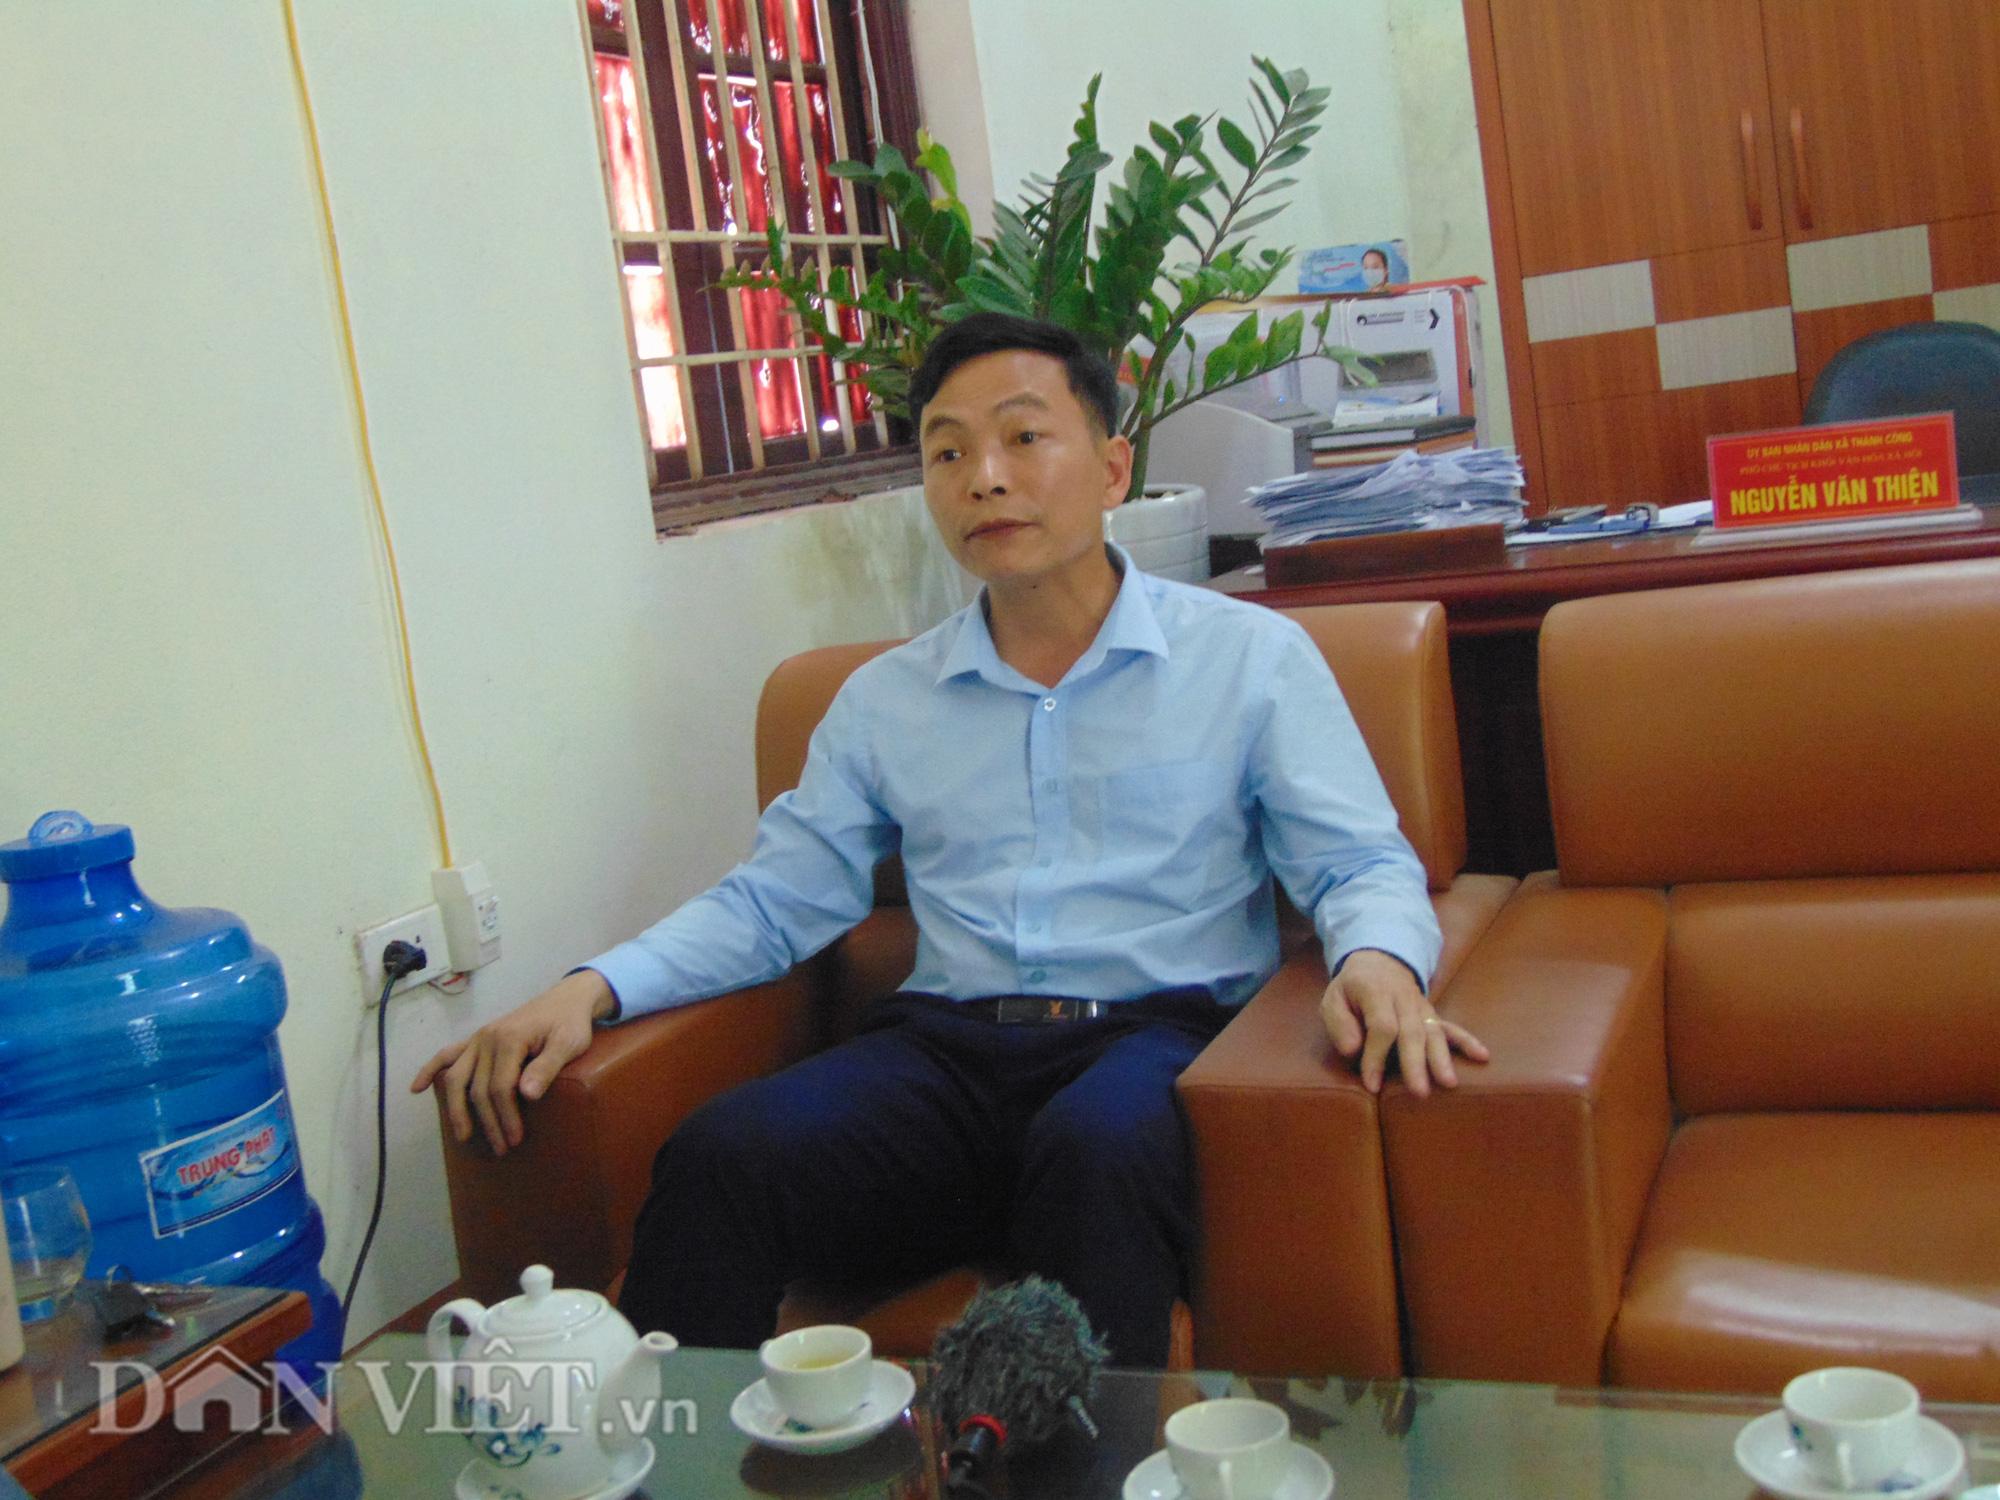 Thái Nguyên: Vụ thu phí trái quy định tại chợ Long Thành, bao giờ có kết luận chính thức? - Ảnh 3.